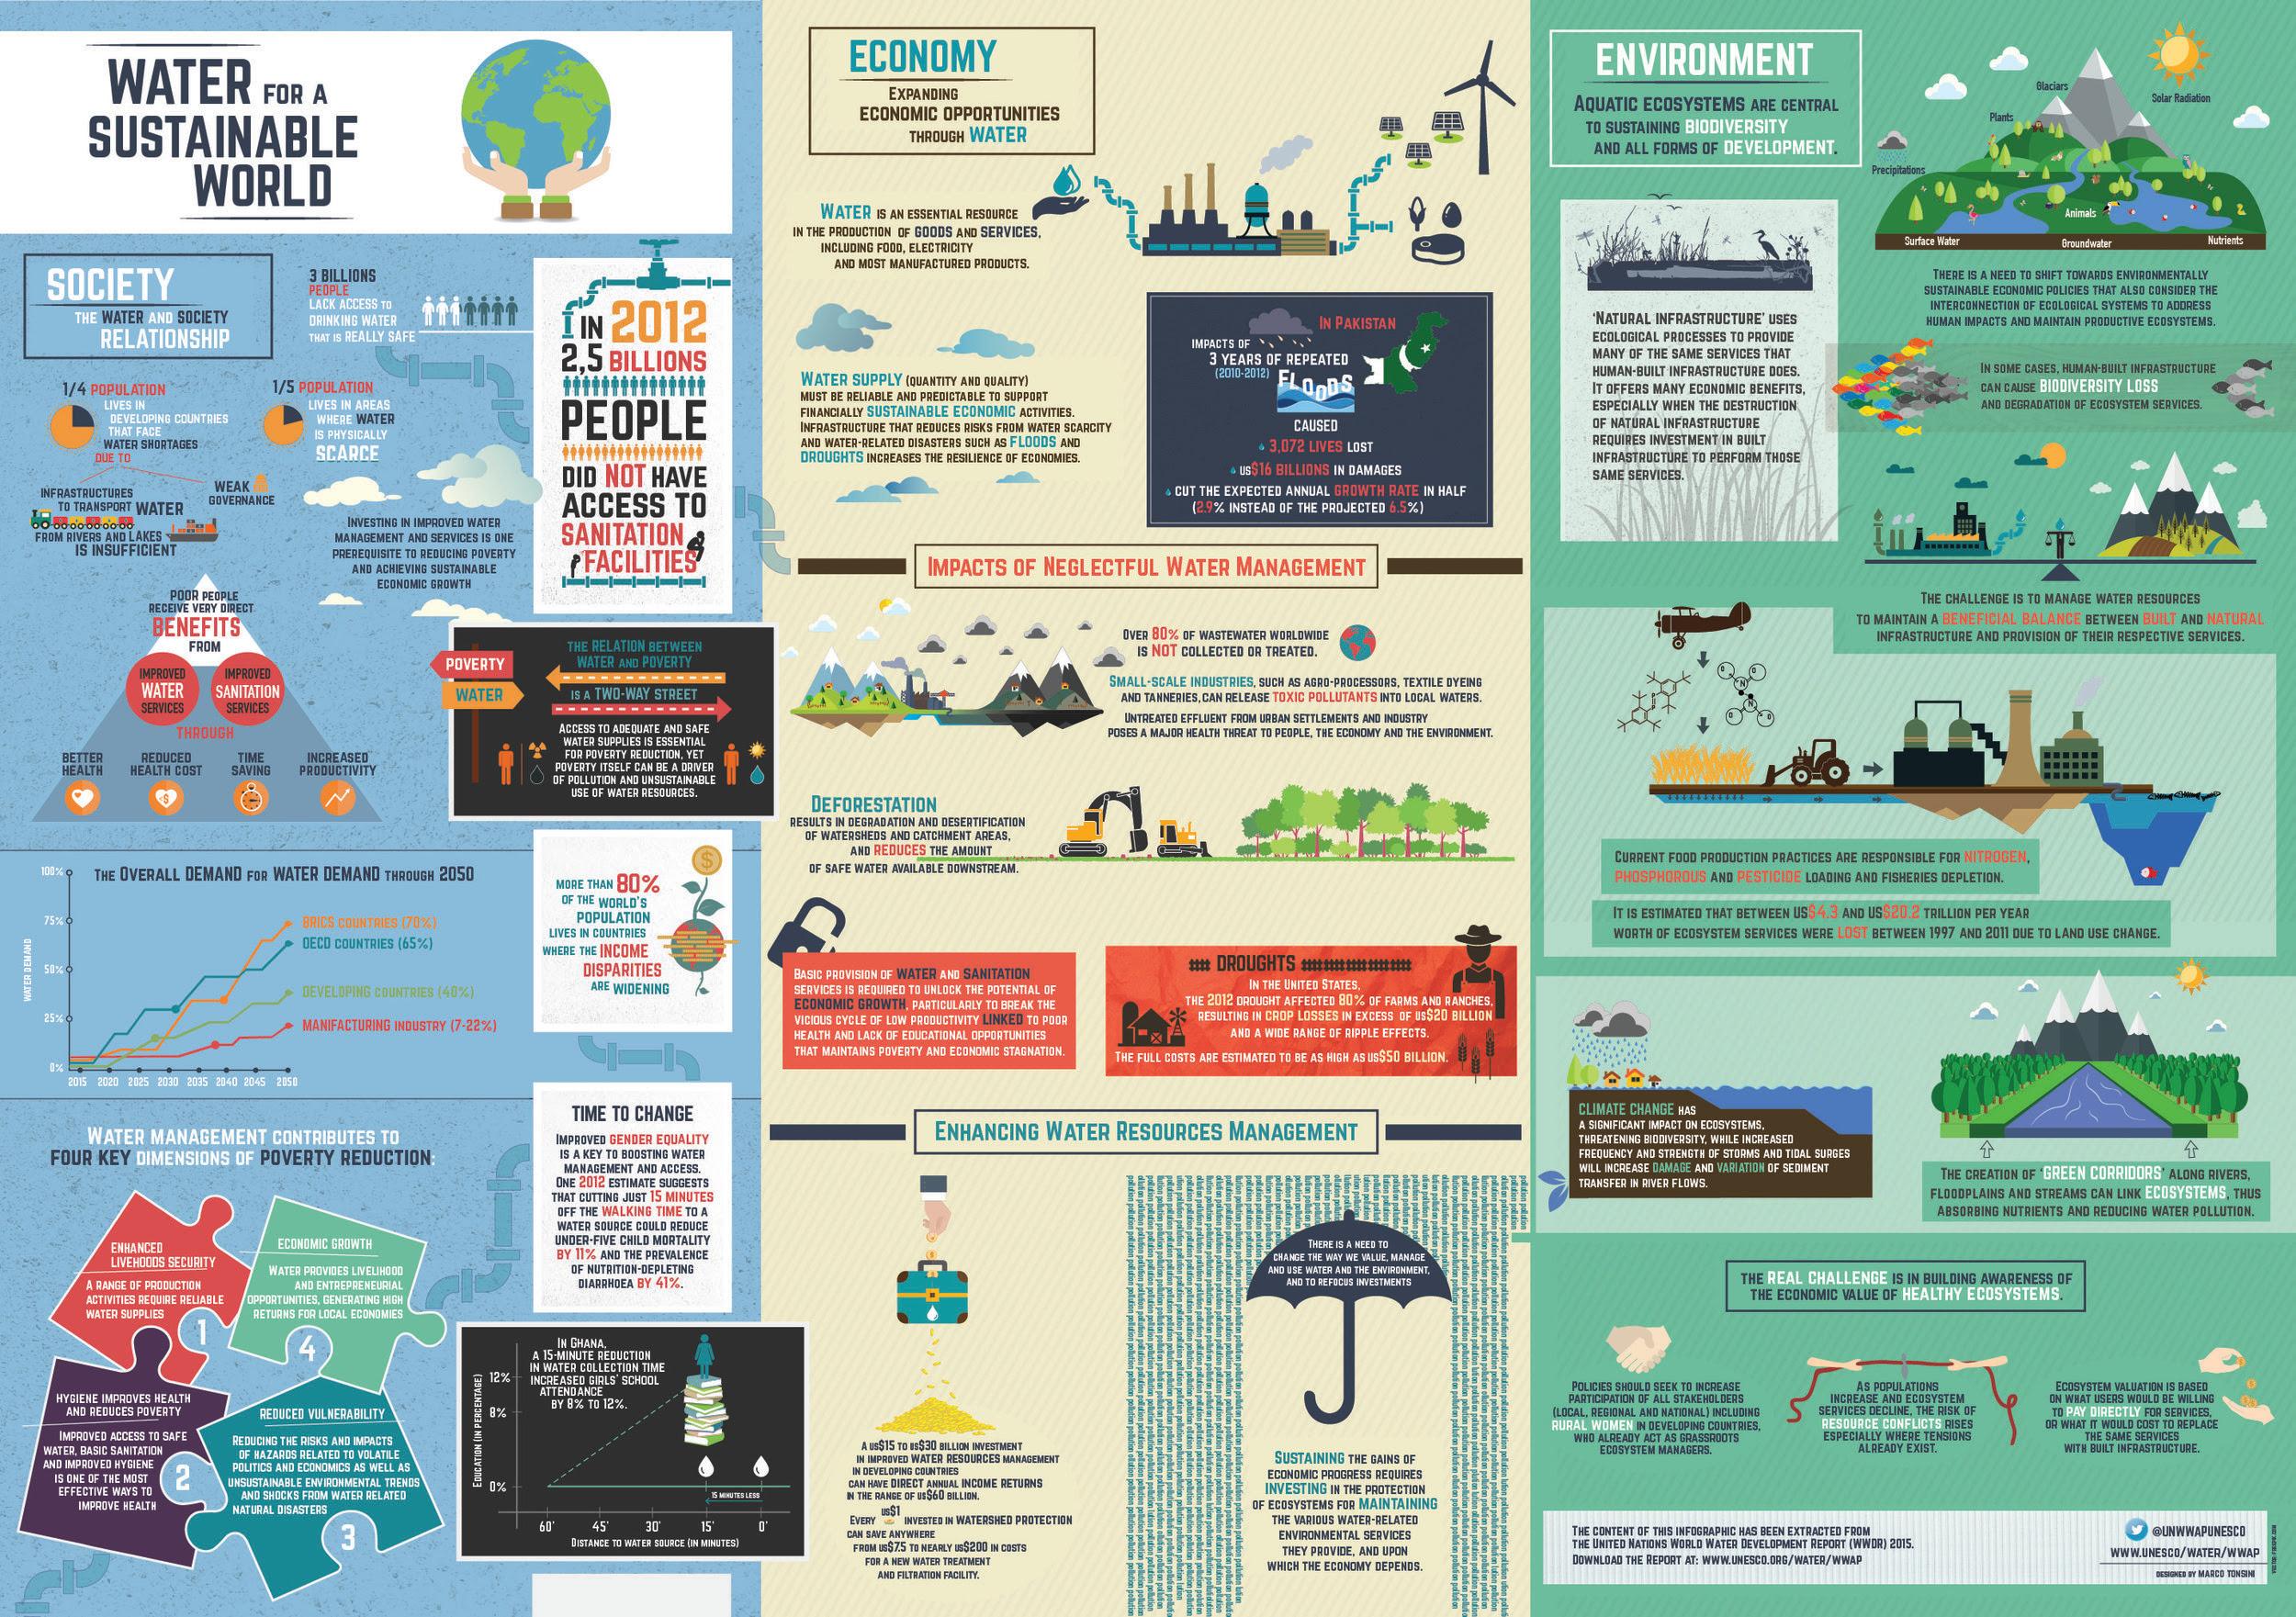 Fromhttp://www.unesco.org/new/en/world-water-day